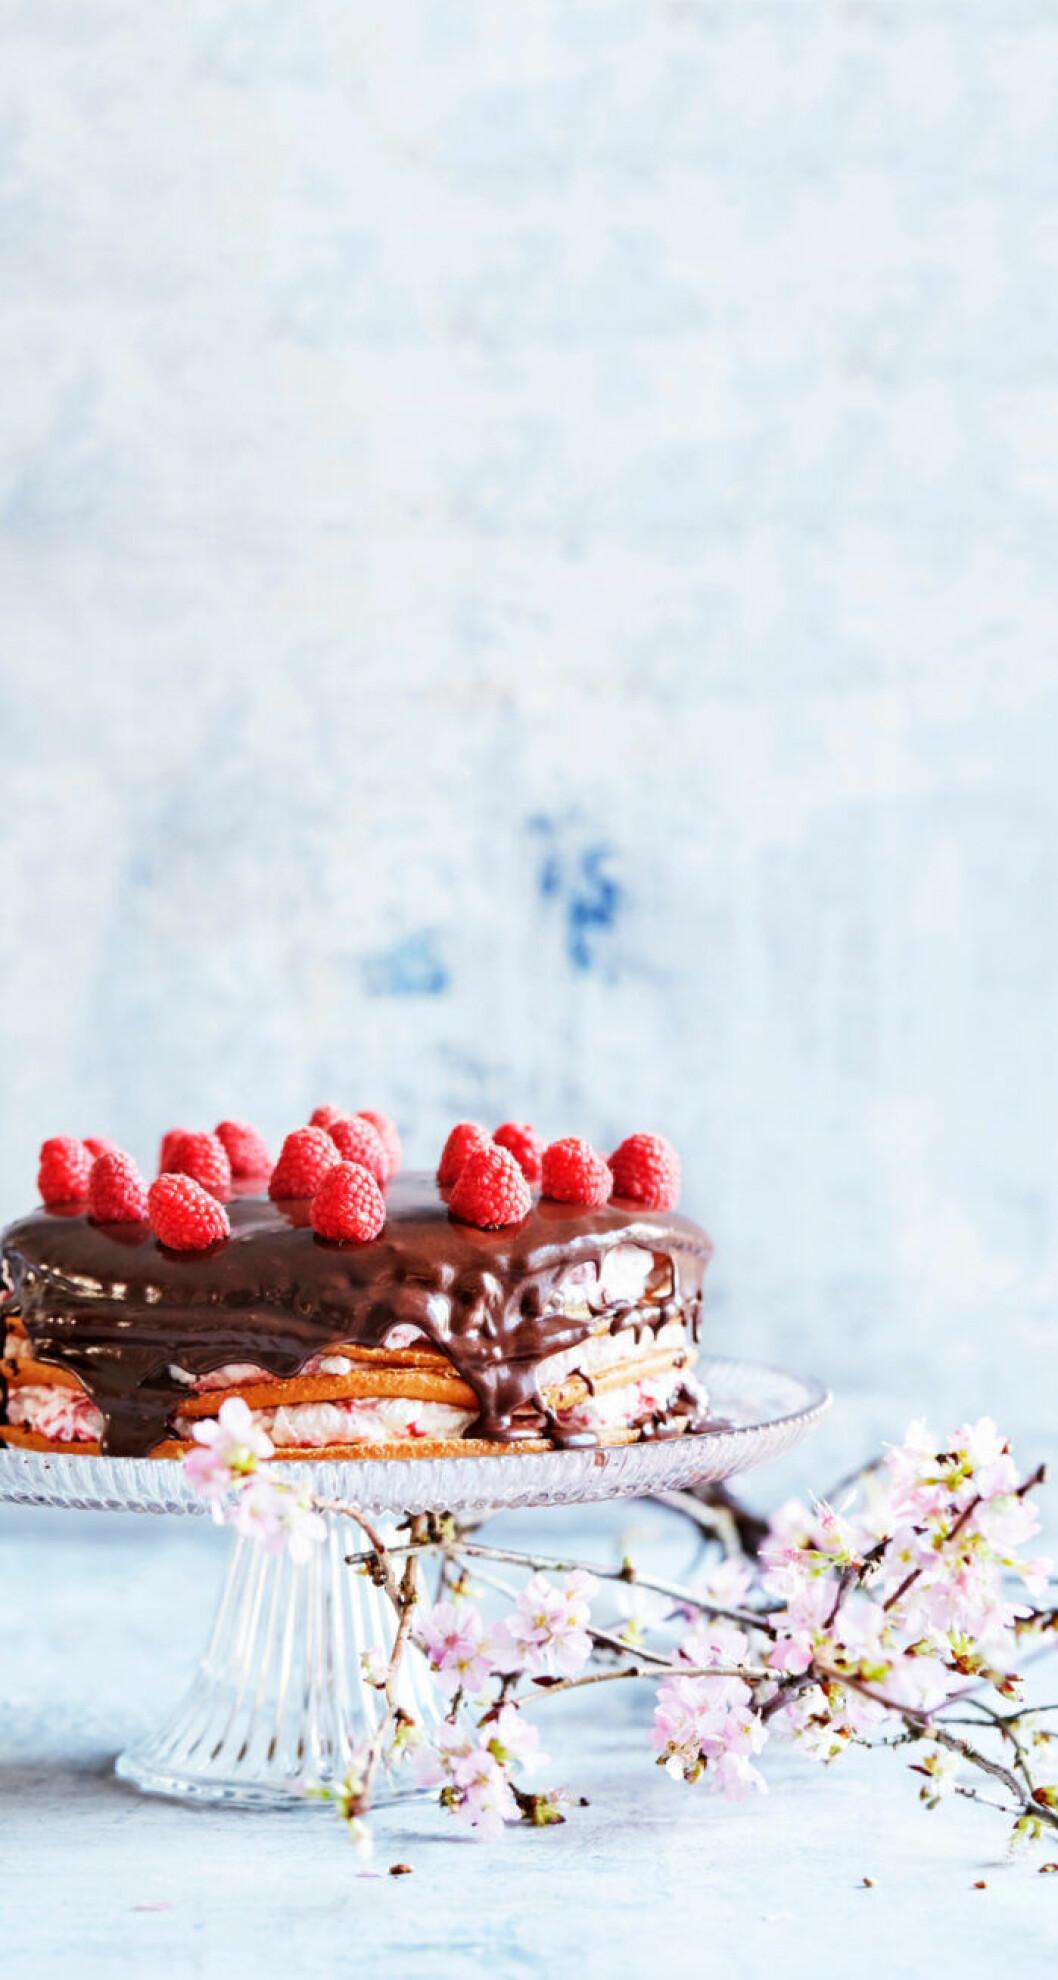 Tårta med hallonskum och choklad